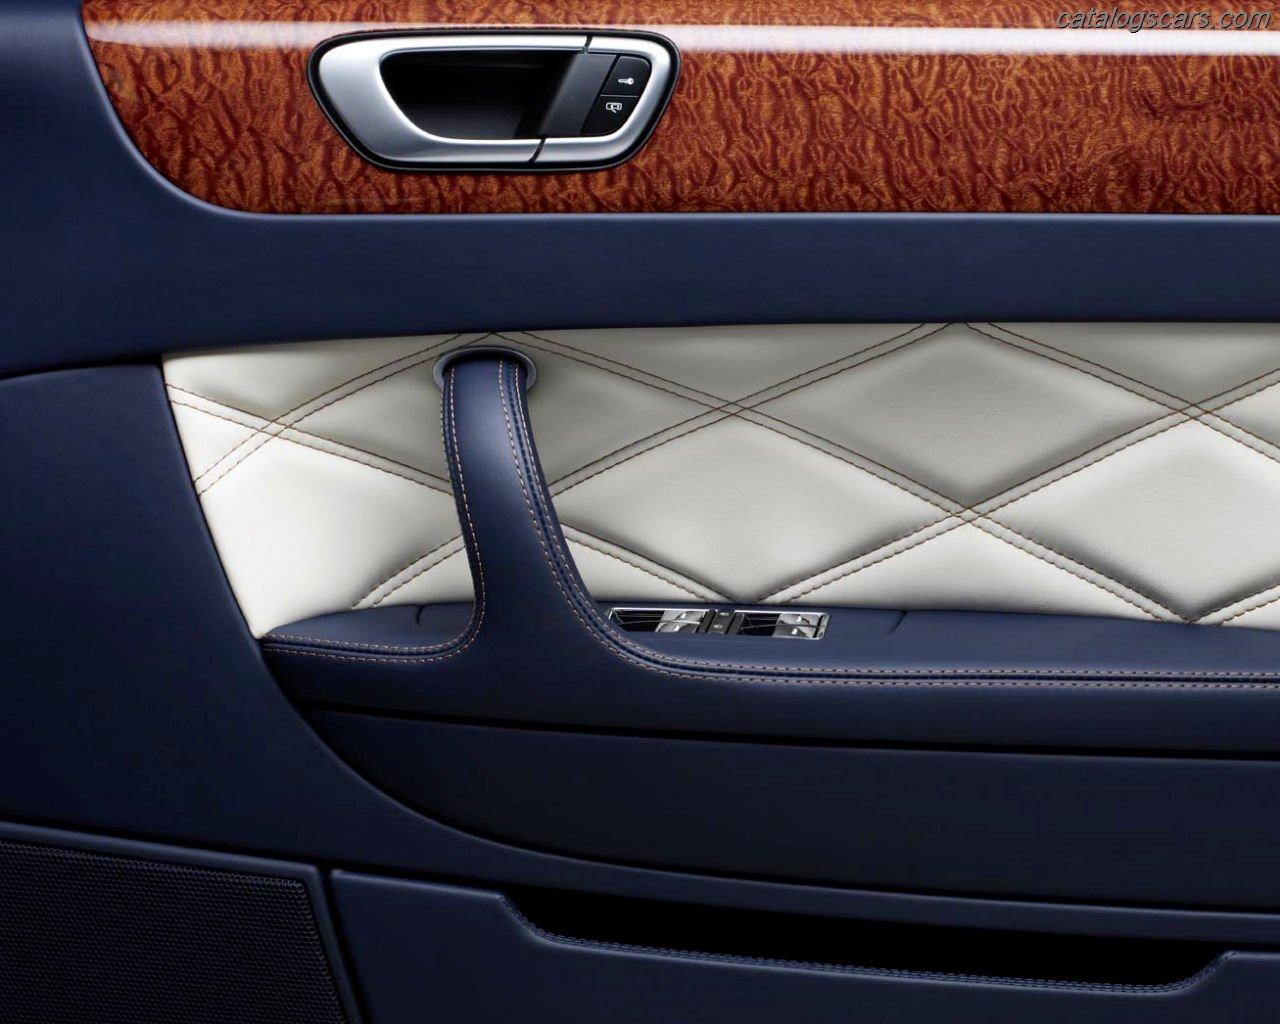 صور سيارة بنتلى كونتيننتال سيريس 51 2012 - اجمل خلفيات صور عربية بنتلى كونتيننتال سيريس 51 2012 - Bentley Continental Series 51 Photos Bentley-Continental-Series-51-2011-13.jpg